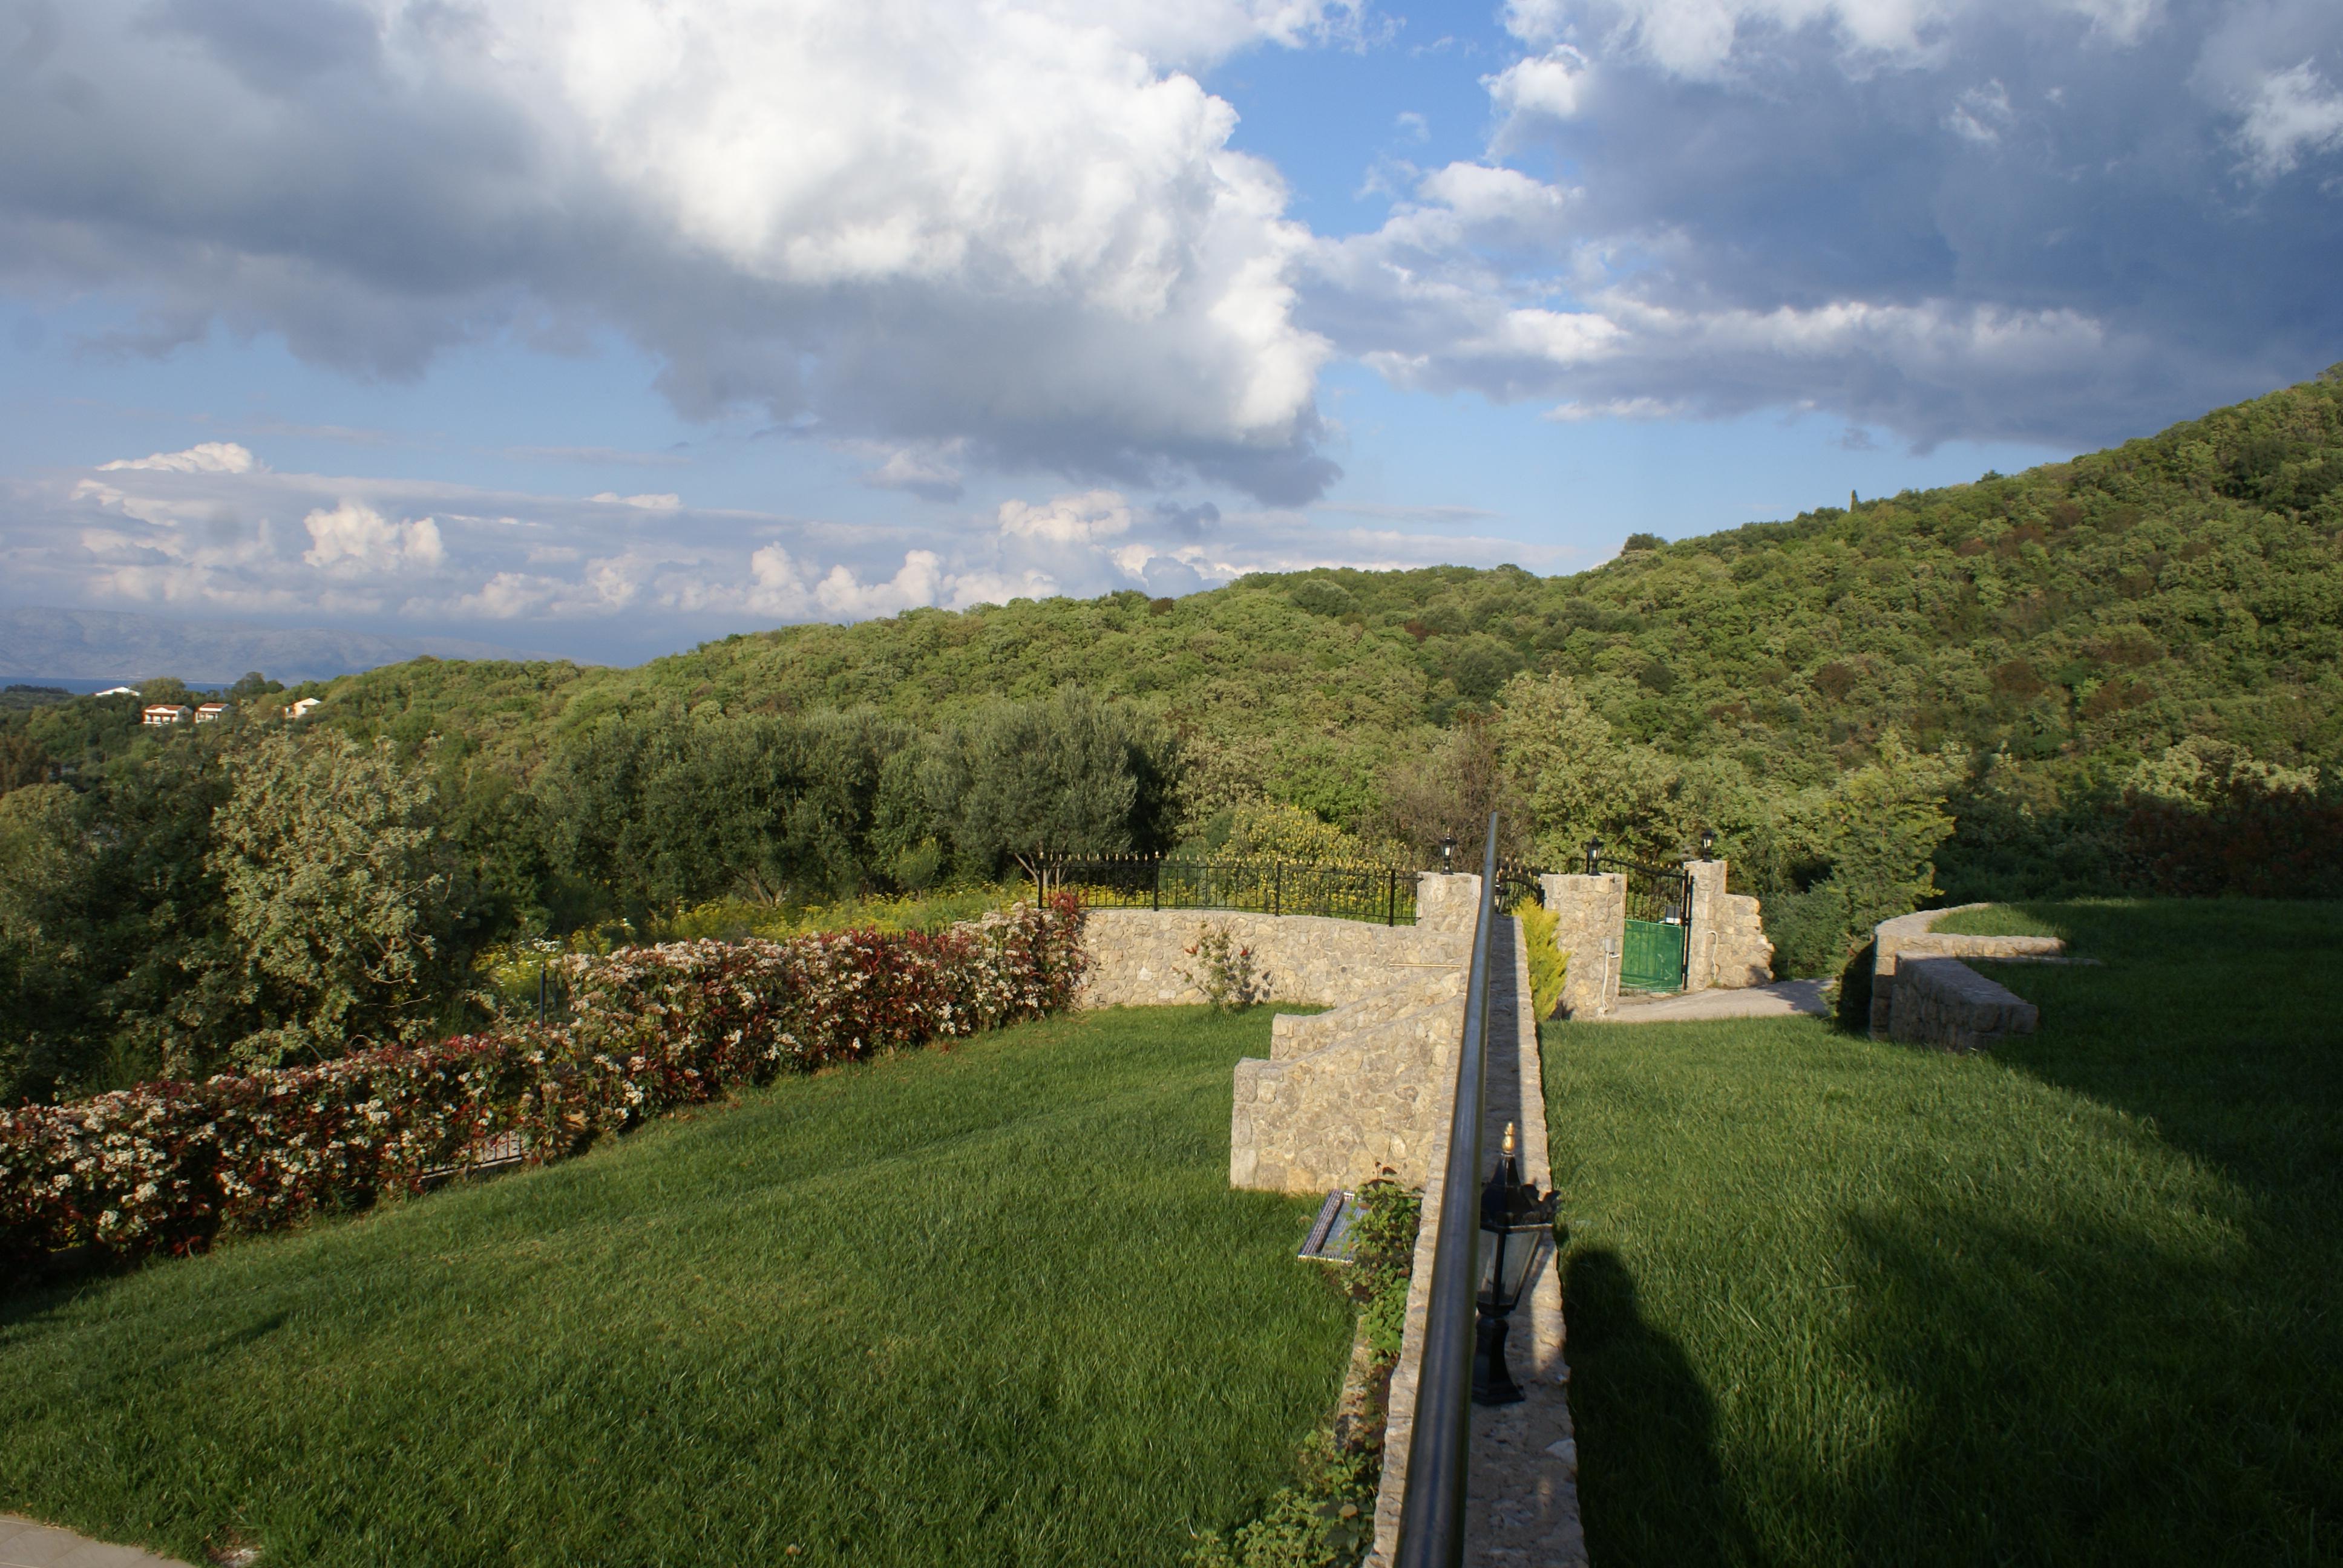 Garten 1 - Korfu Villa Mare e Monti, Almiros, KorfuCorfu.de